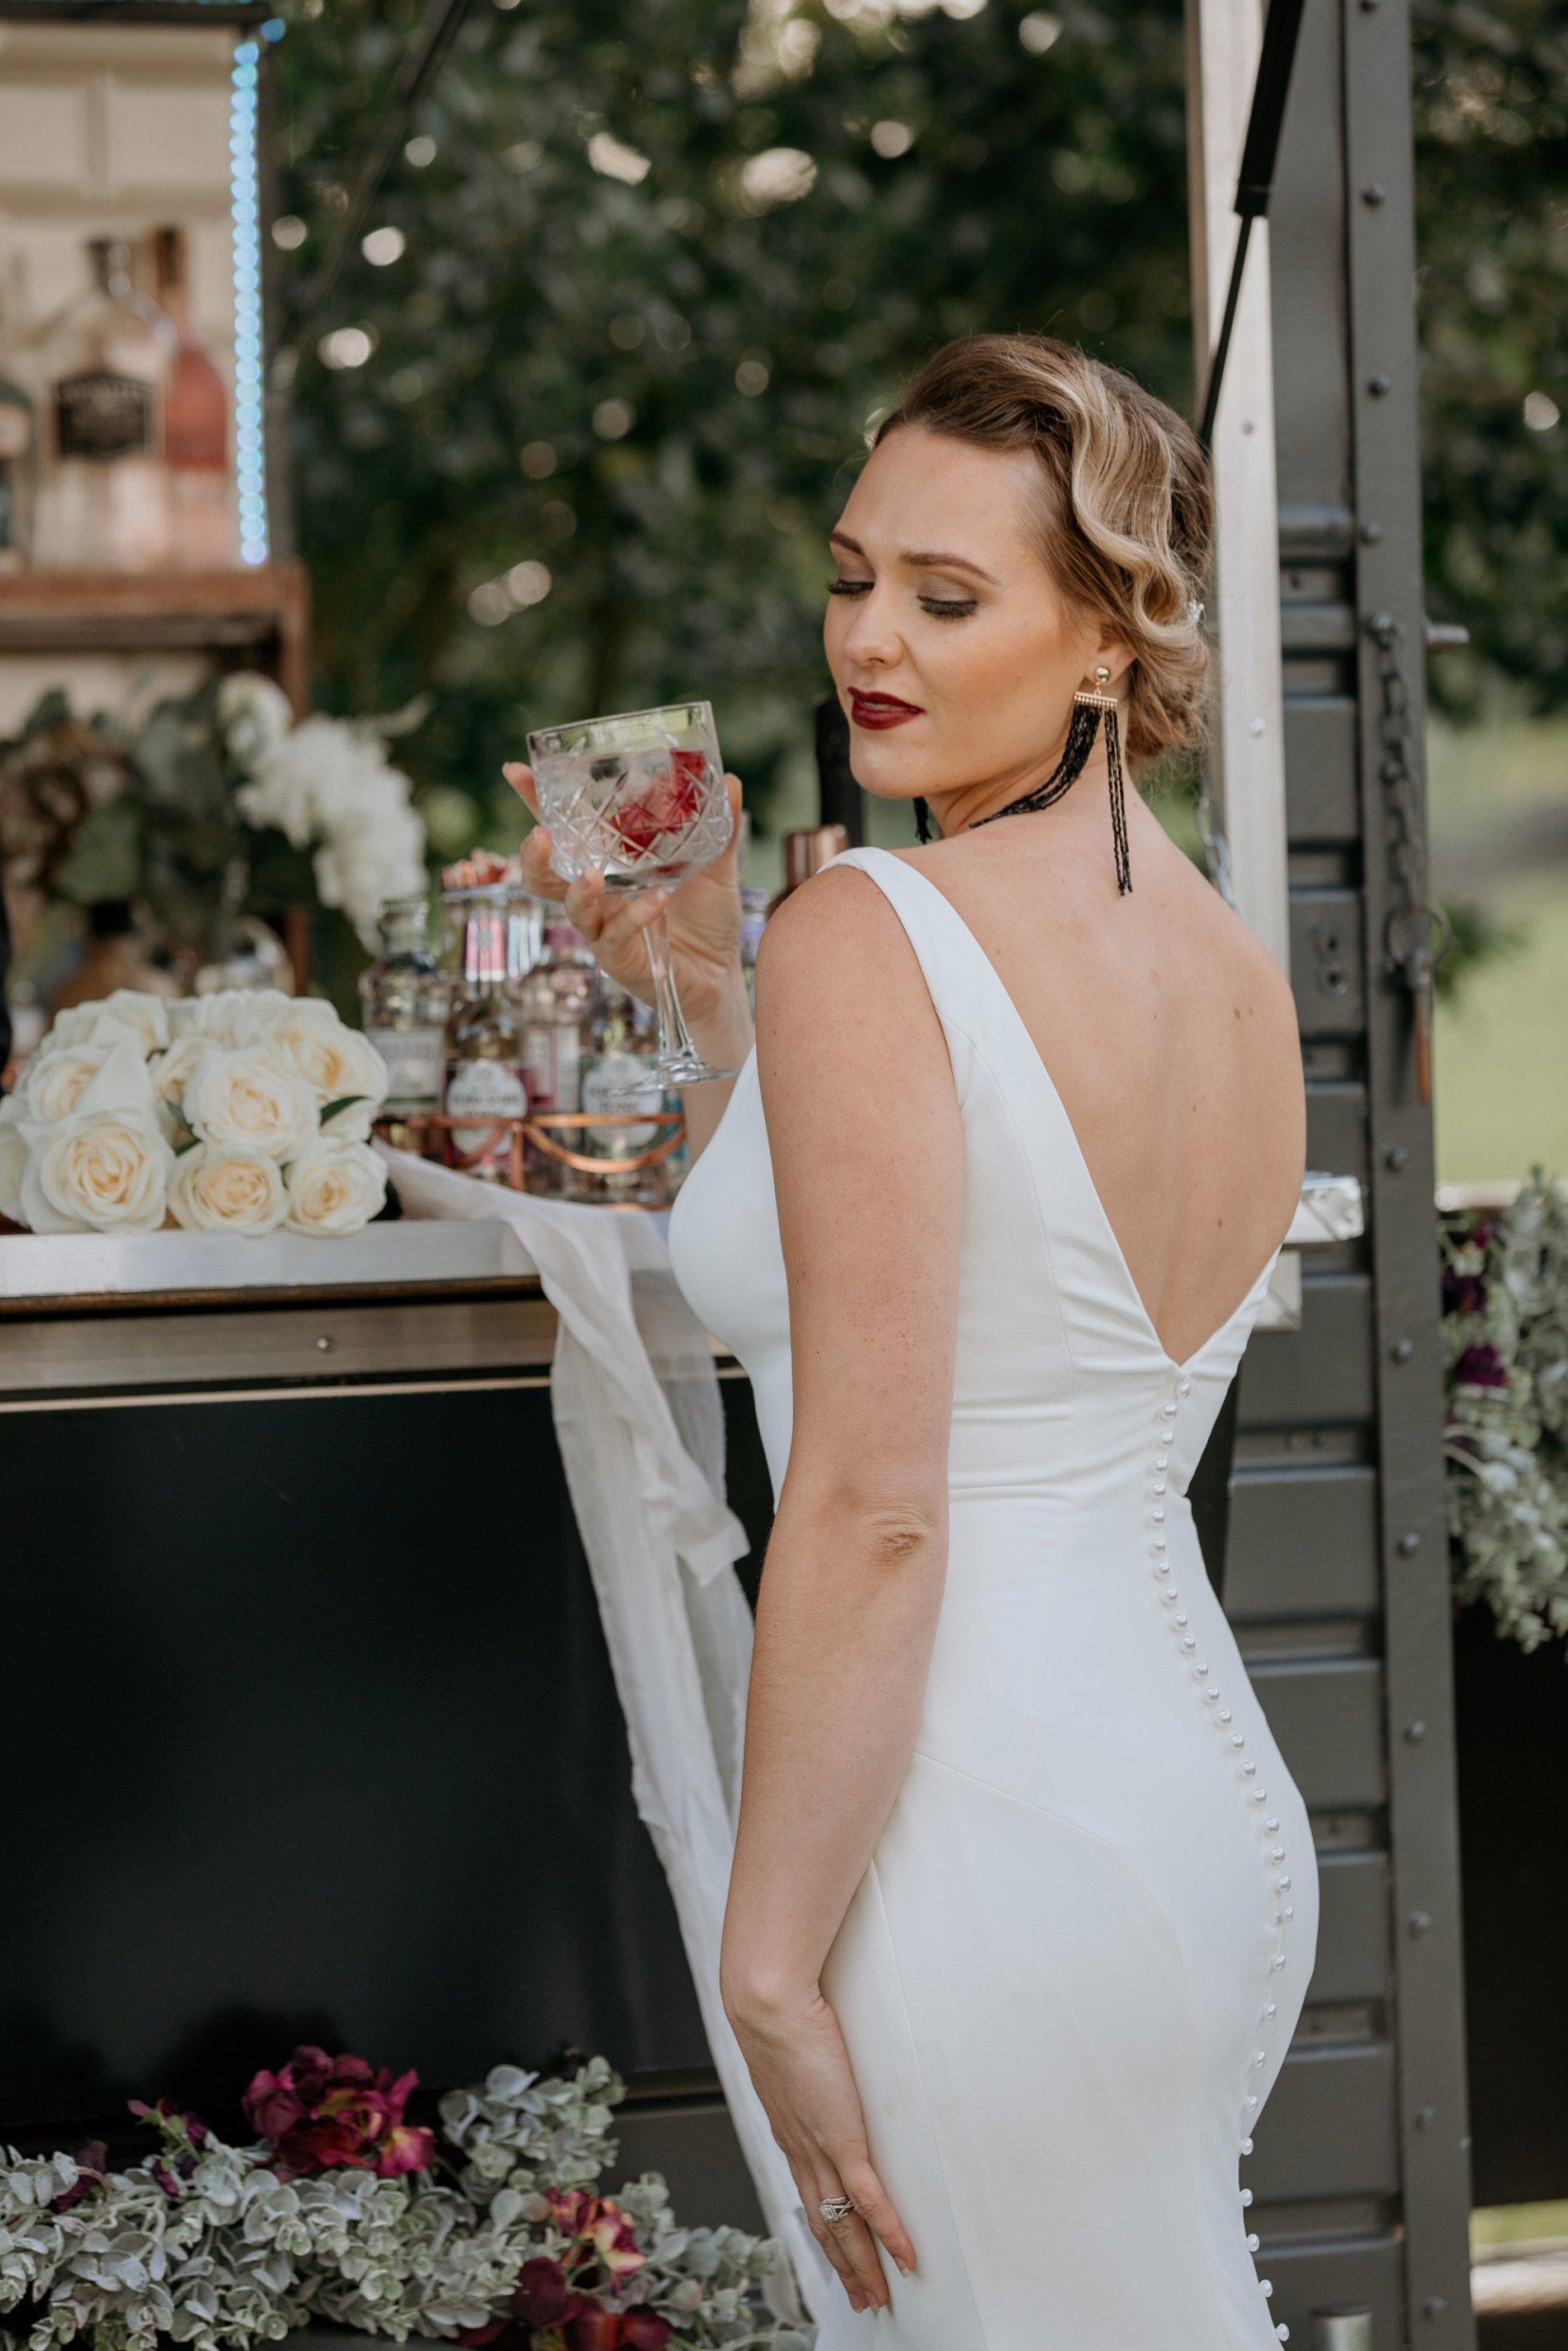 An Elegant Wedding Shoot at Jervaulx Abbey (c) Natalie Hamilton Photography (36)